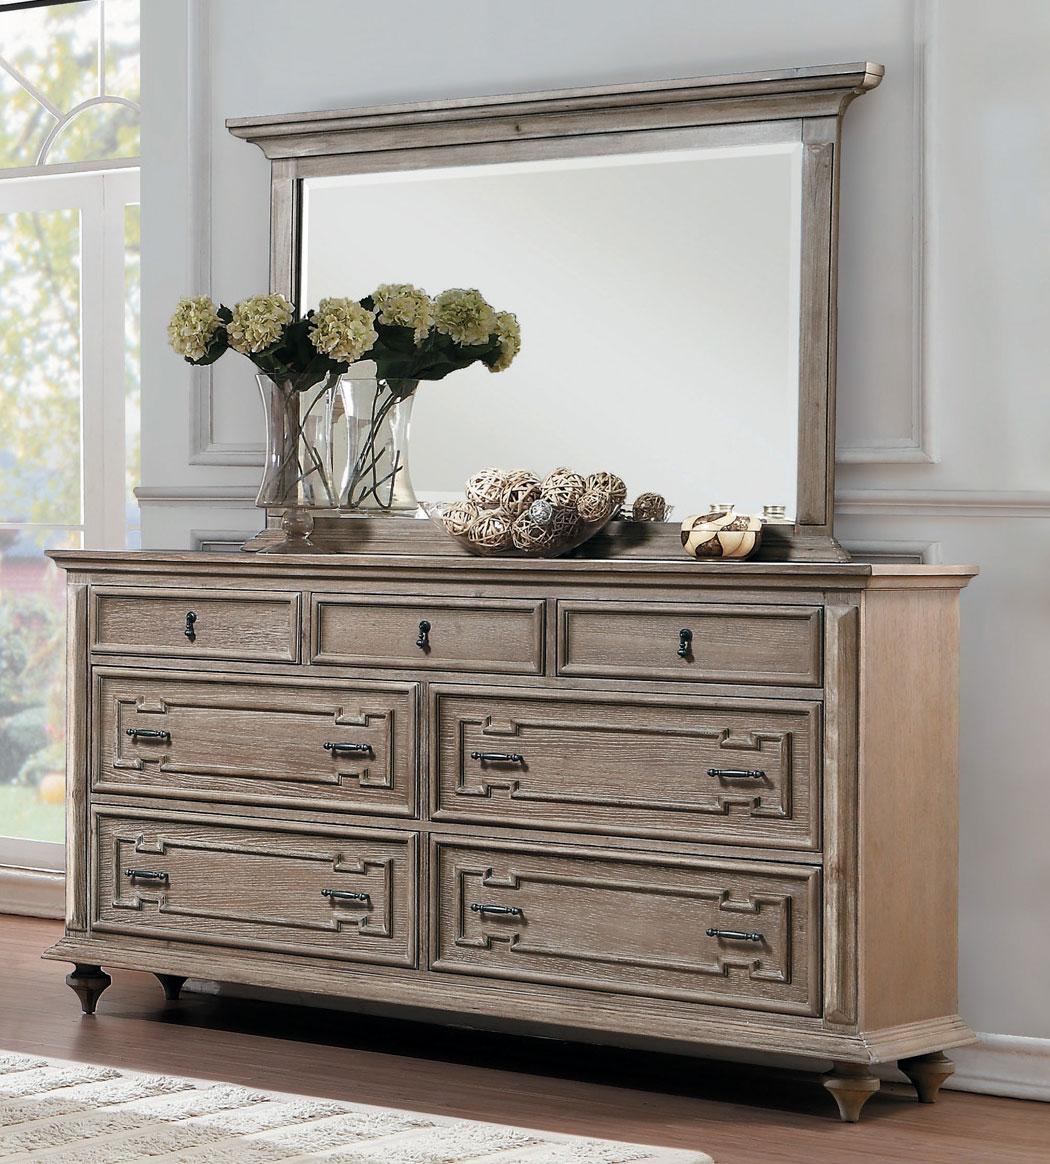 Homelegance Marceline Dresser - Weathered